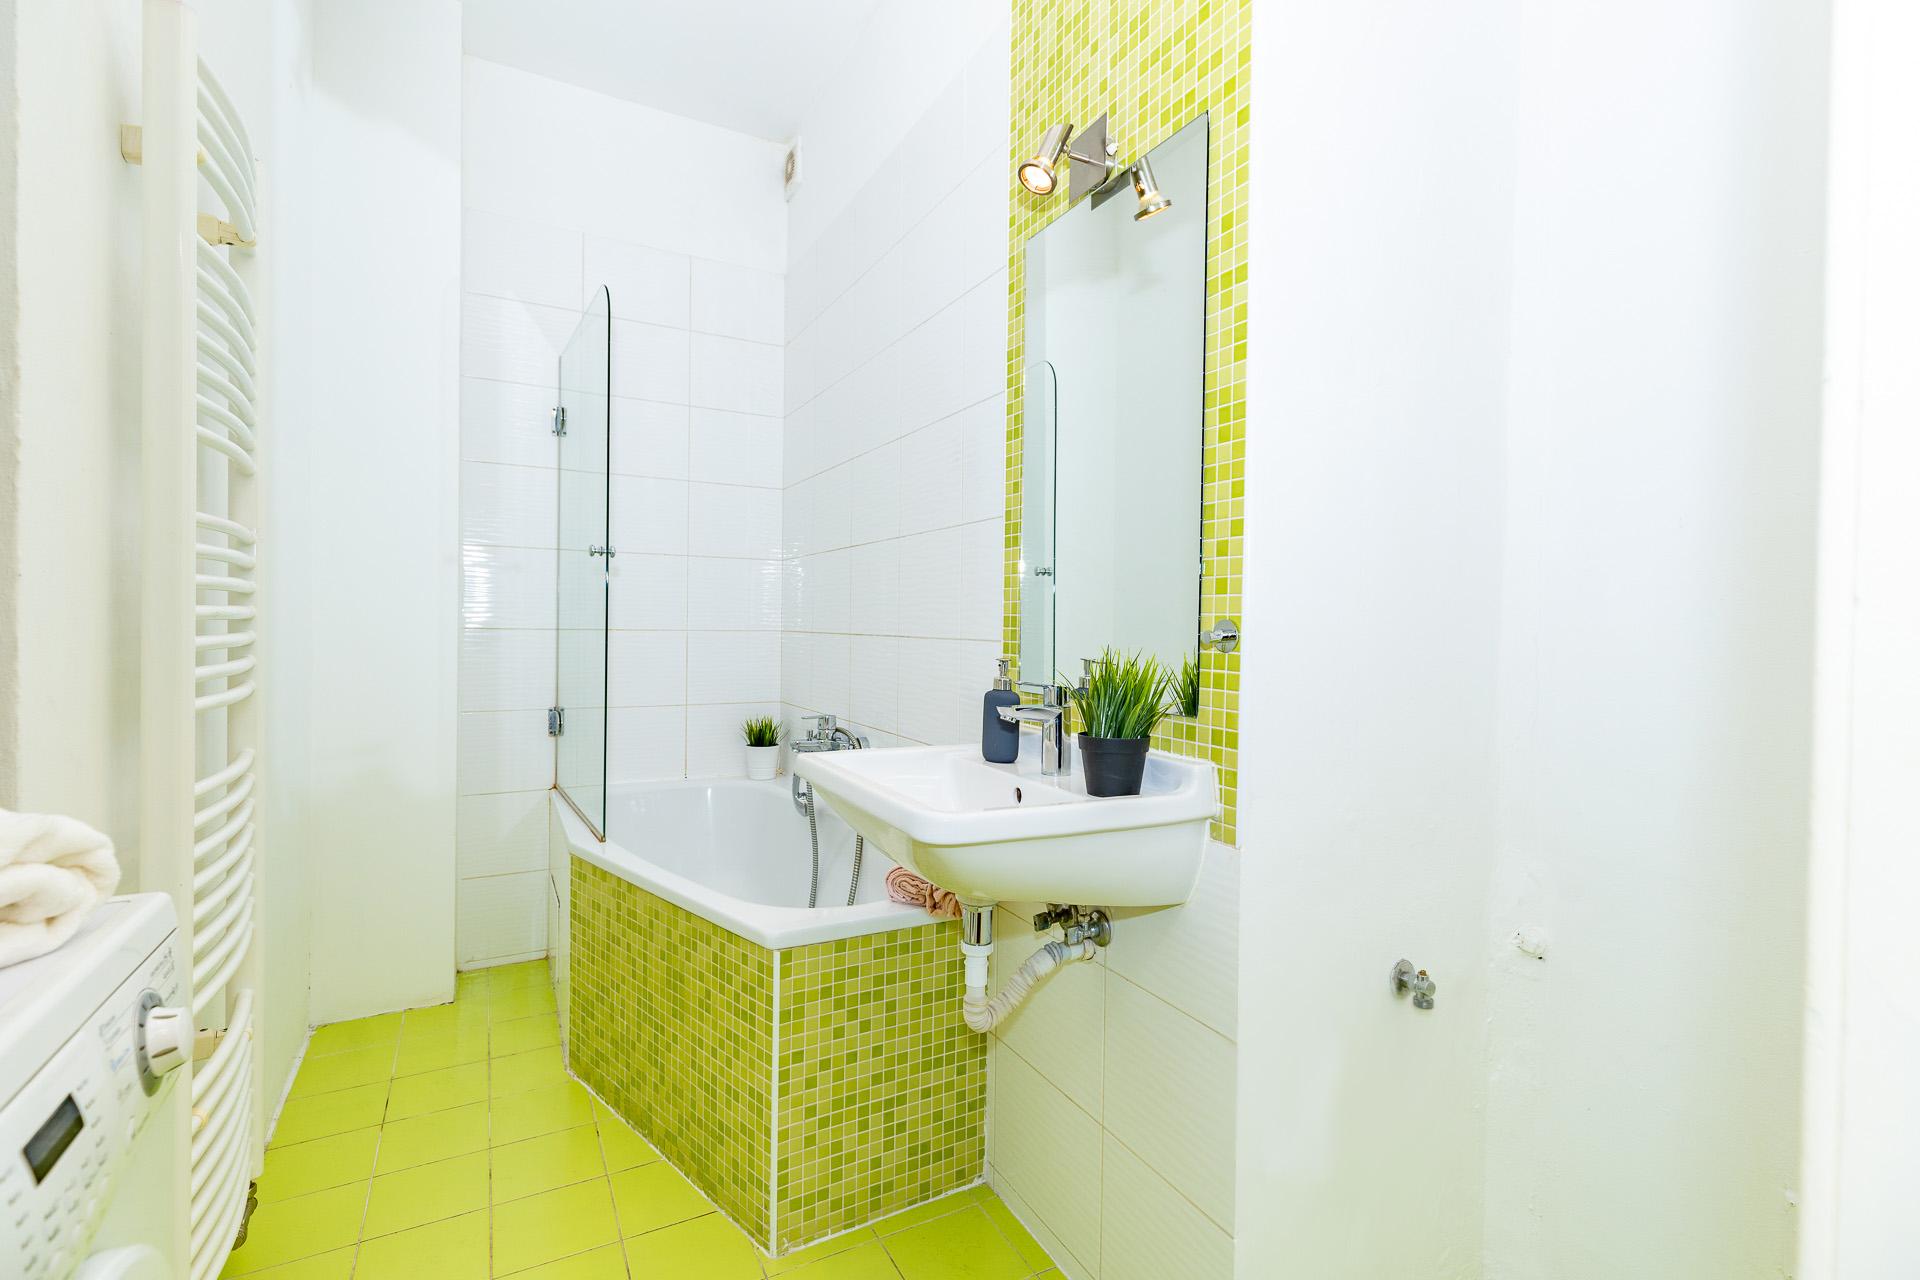 foto koupelny s vanou, umyvadlem, květinou a pračkou